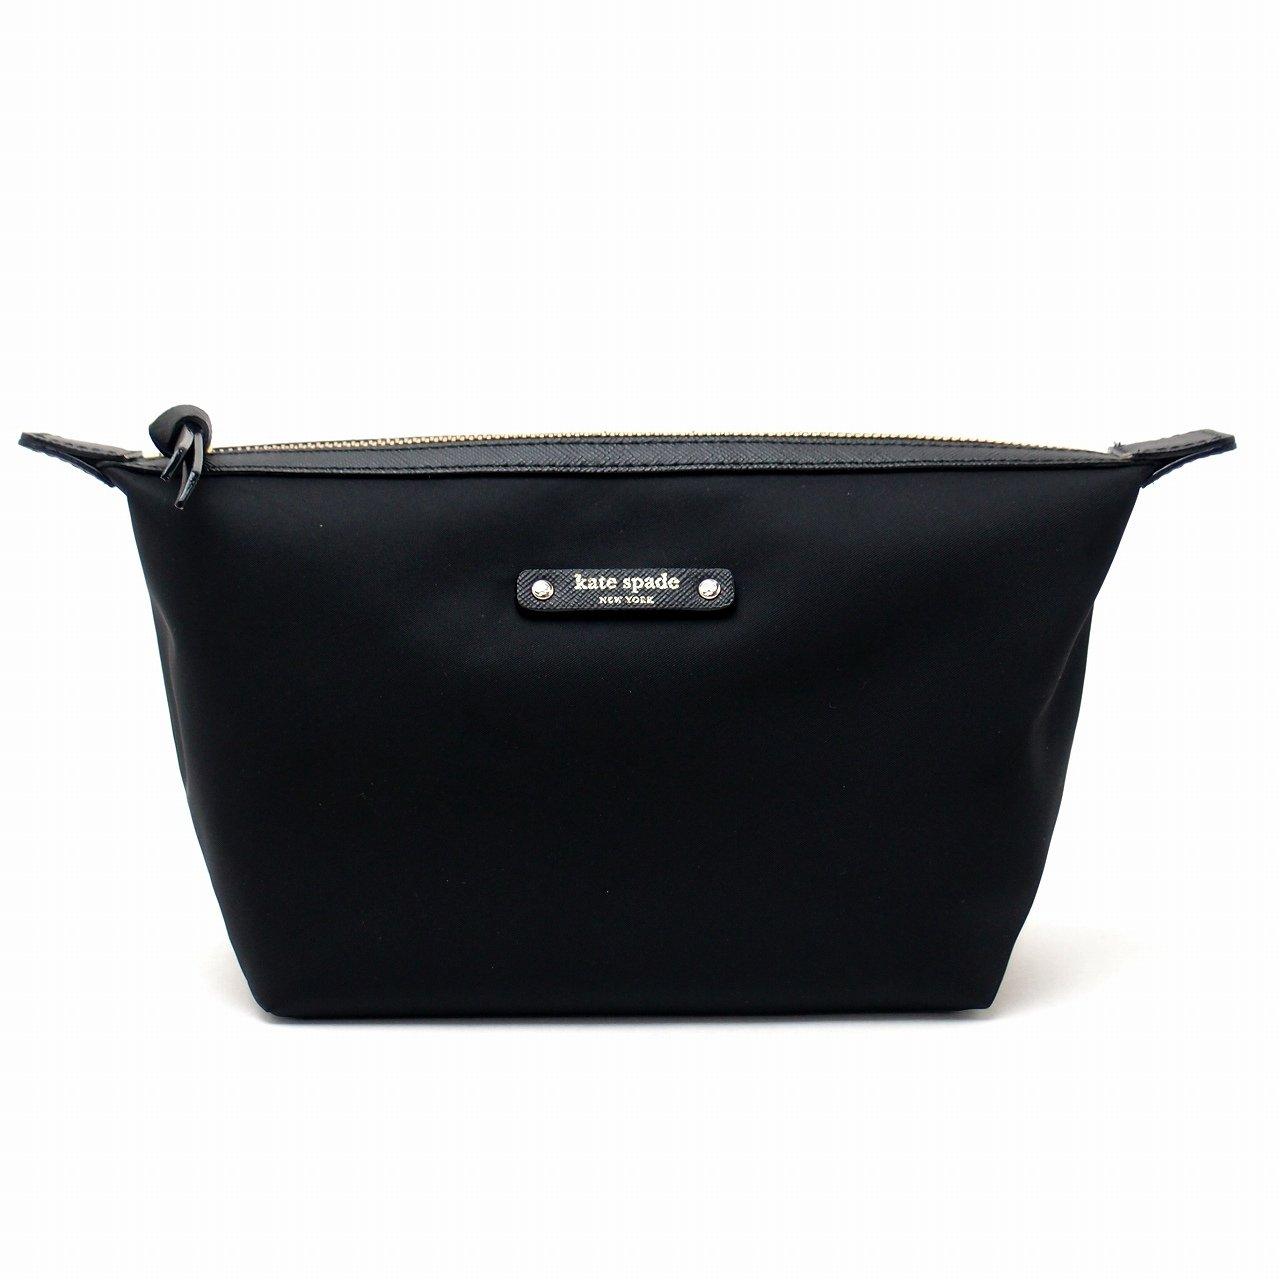 [ケイトスペード] バッグ KateSpade ポーチ コスメポーチ 化粧ポーチ WLRU3327-001 [アウトレット品] [並行輸入品]   B077NY55M3